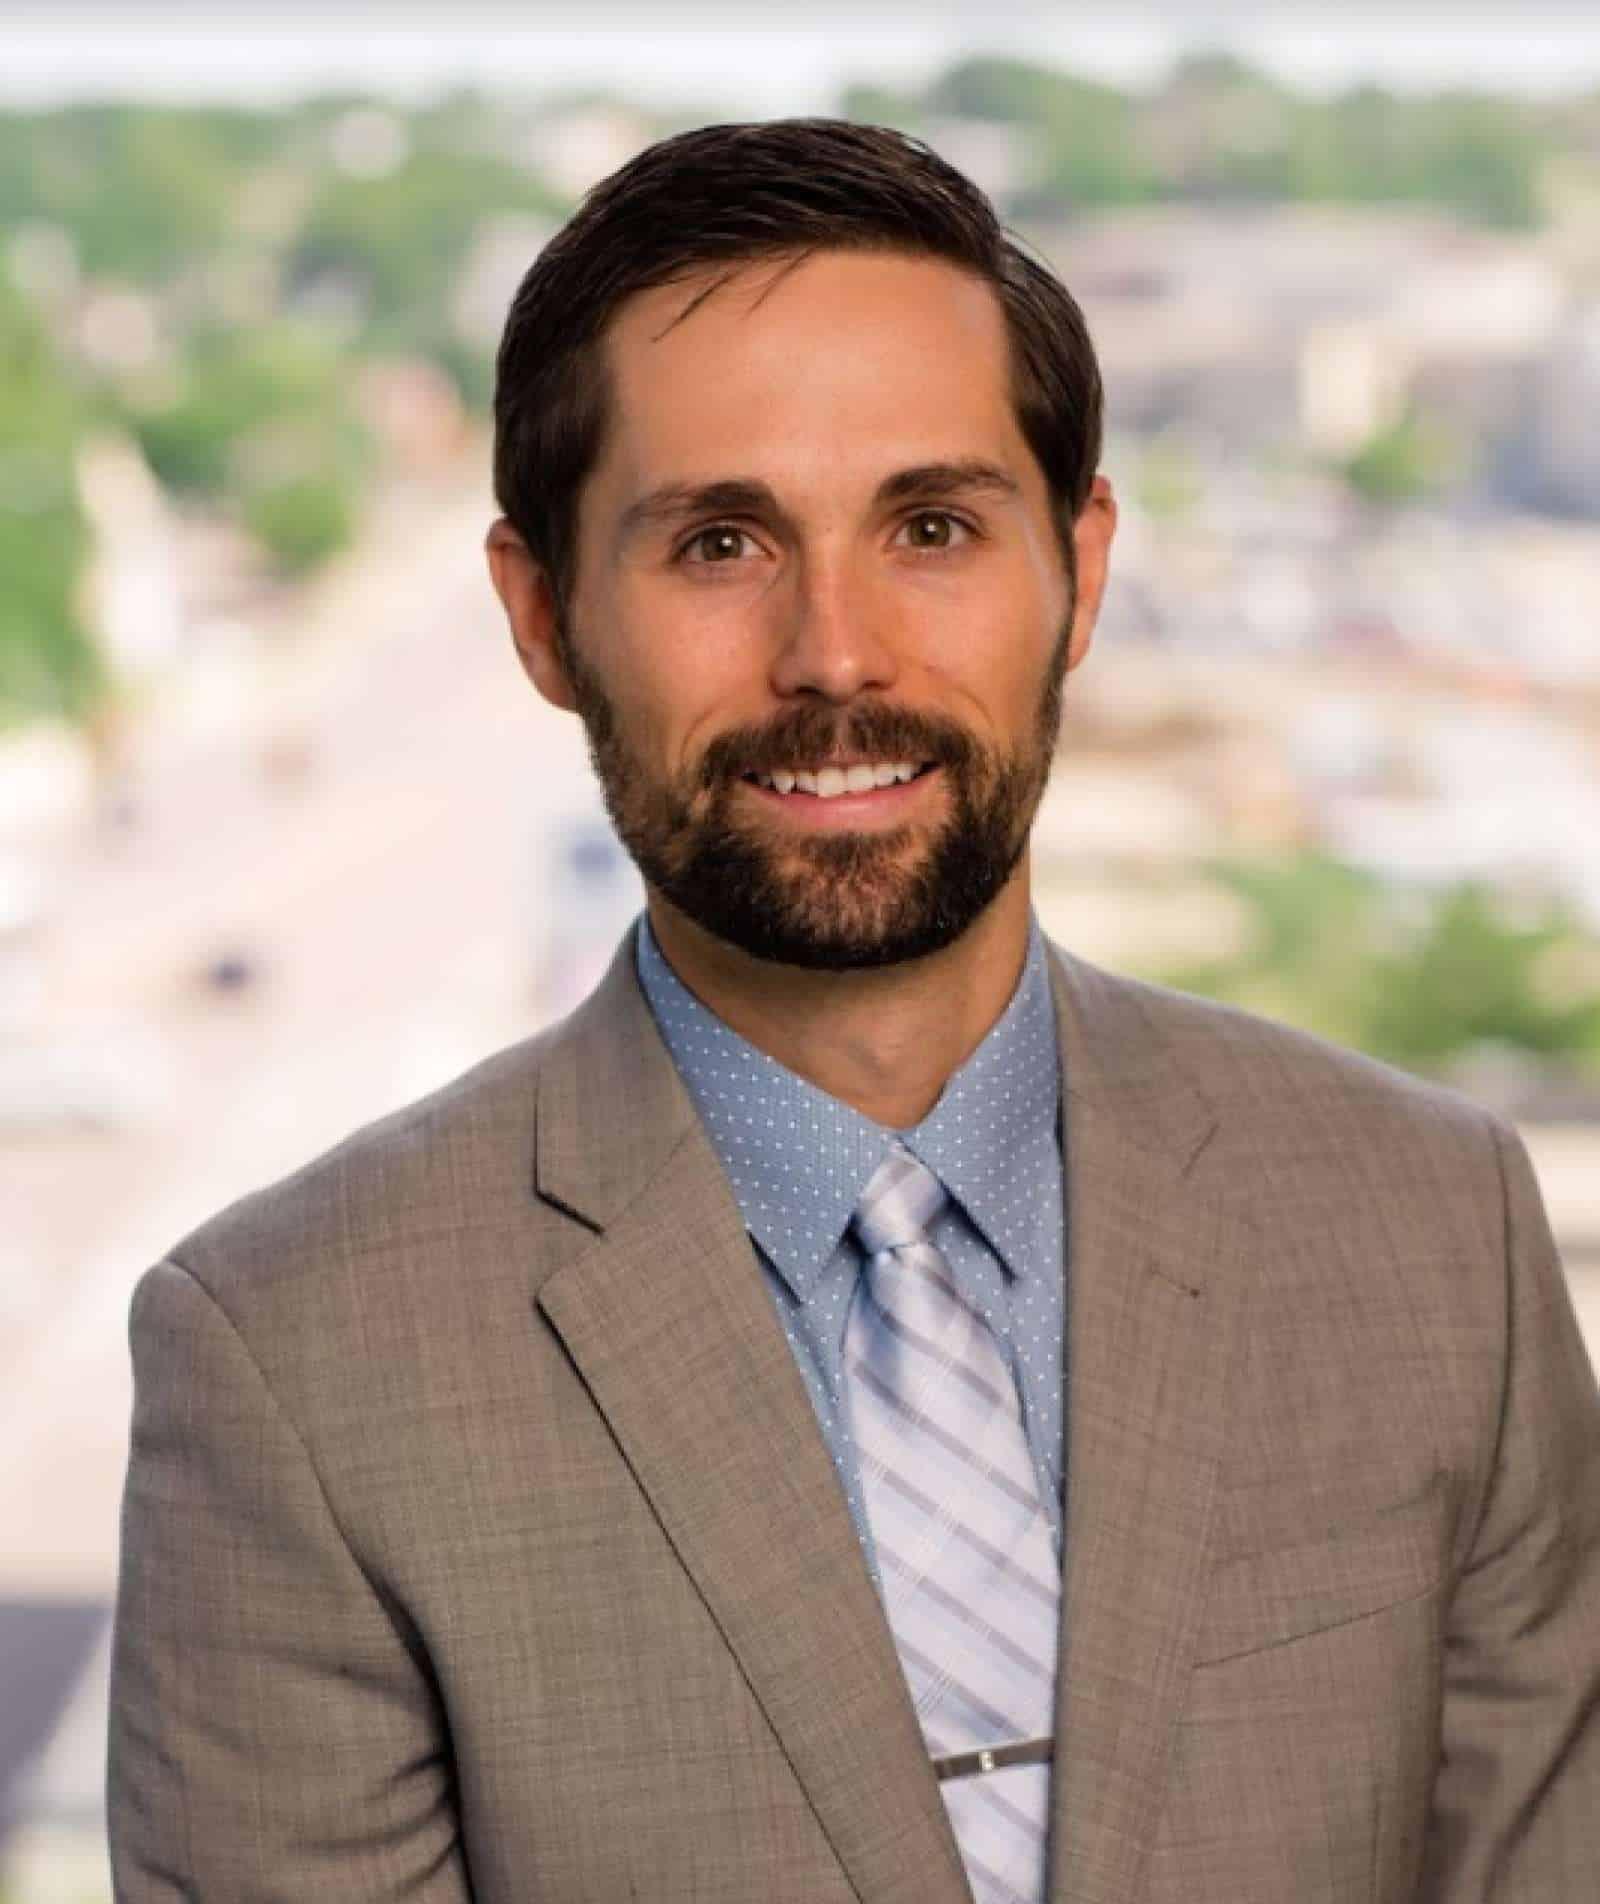 Kronaizl Named Shareholder in Lynn, Jackson, Shultz & Lebrun, P.C., Firm